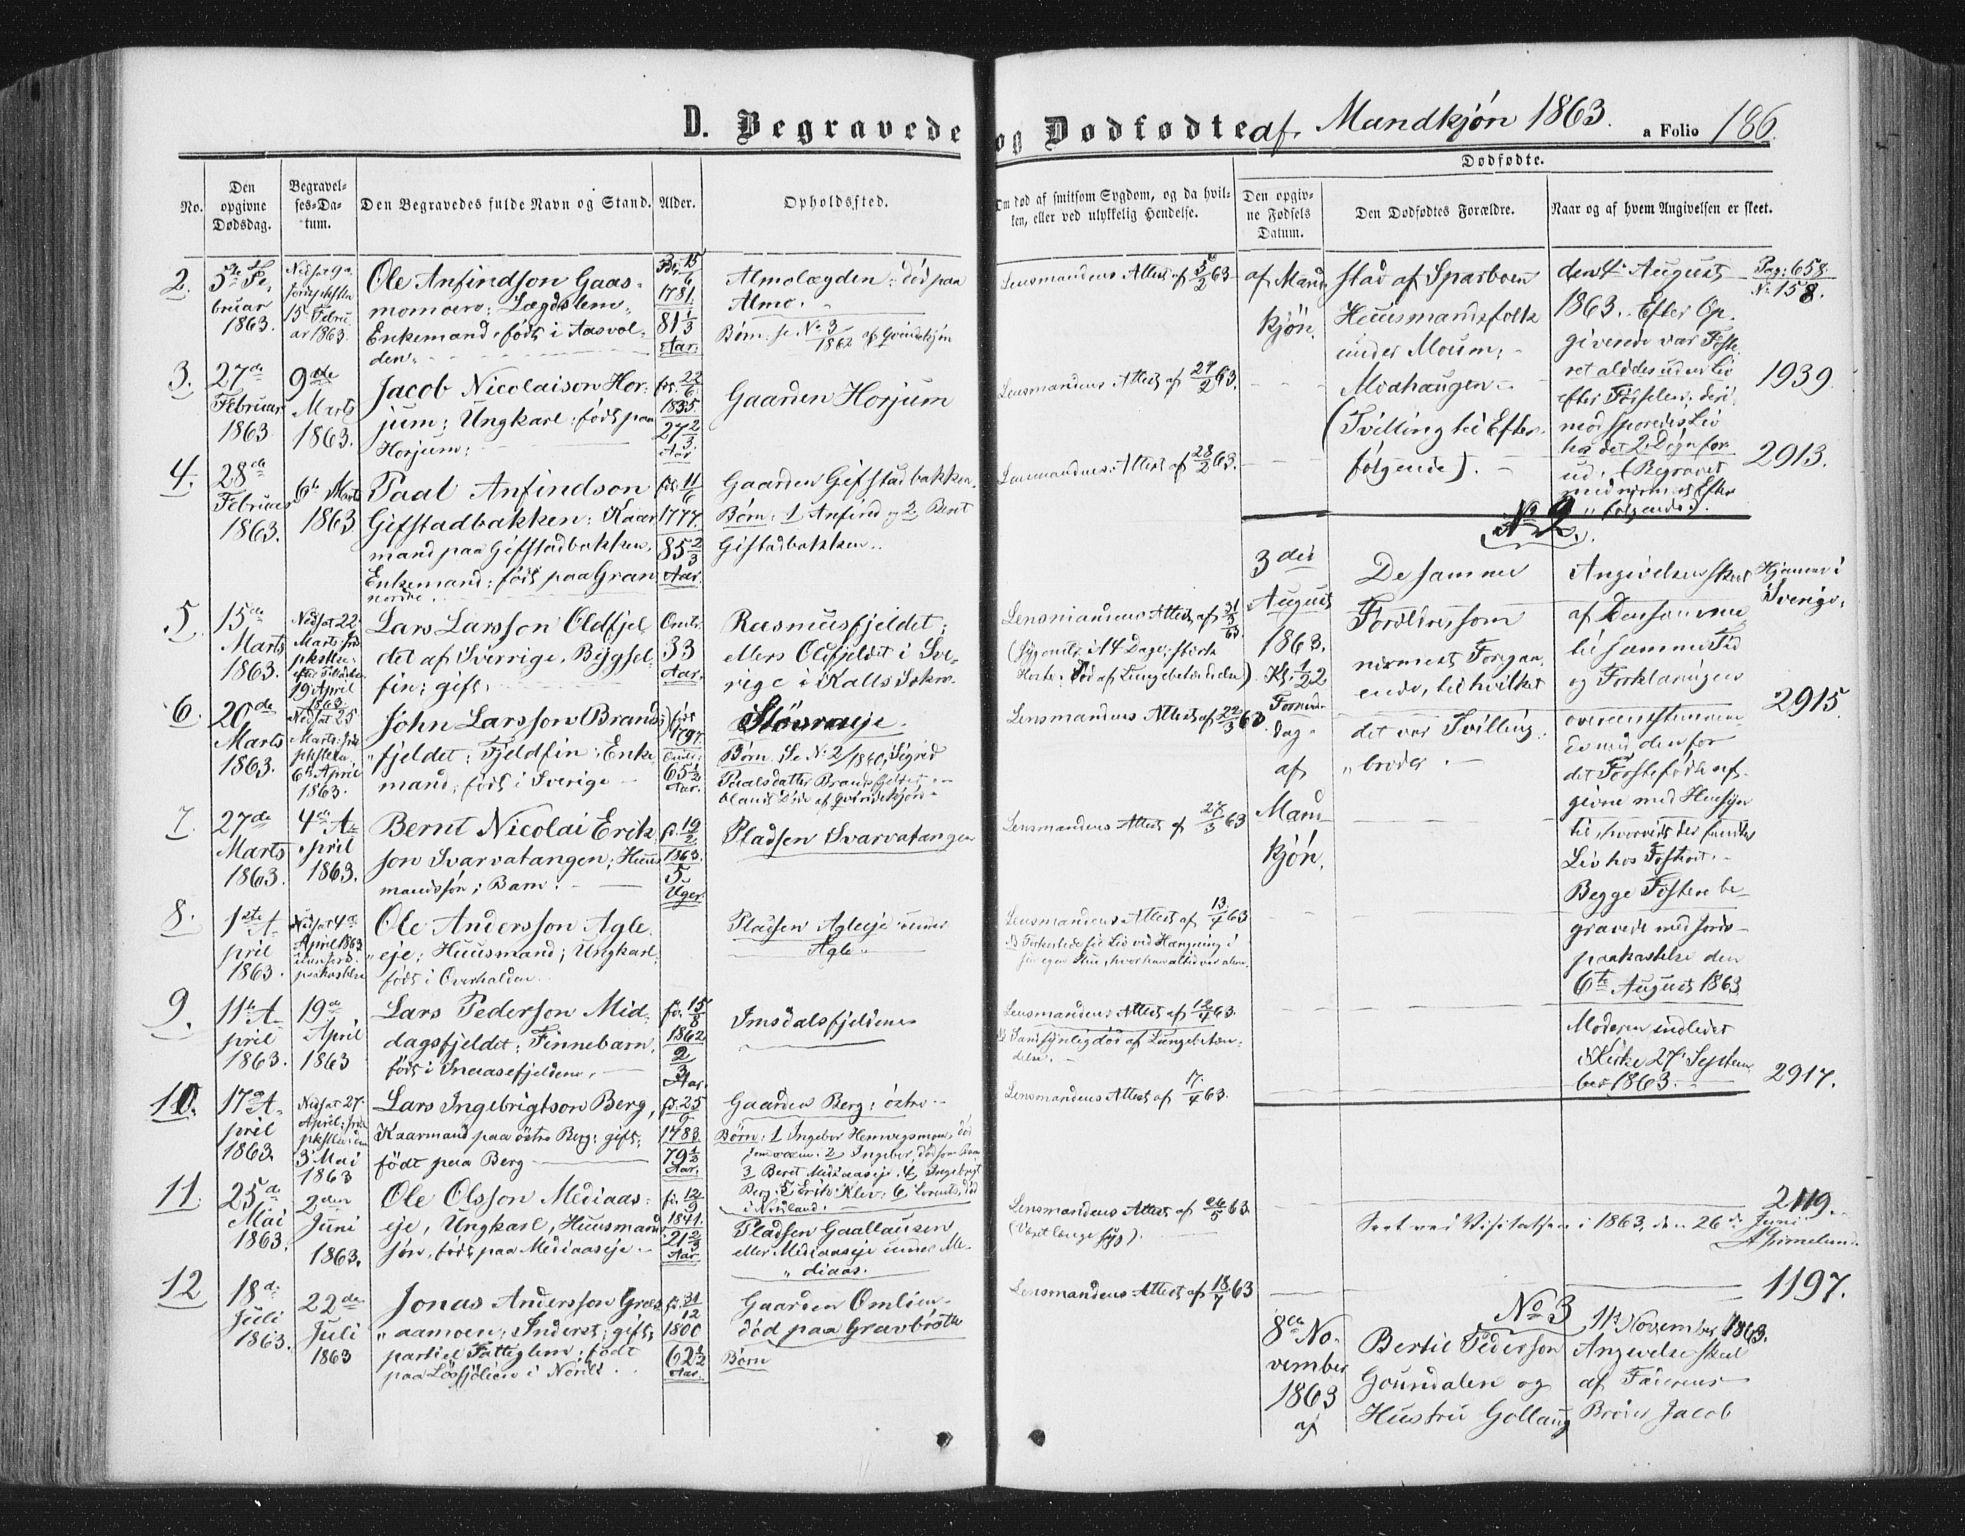 SAT, Ministerialprotokoller, klokkerbøker og fødselsregistre - Nord-Trøndelag, 749/L0472: Ministerialbok nr. 749A06, 1857-1873, s. 186